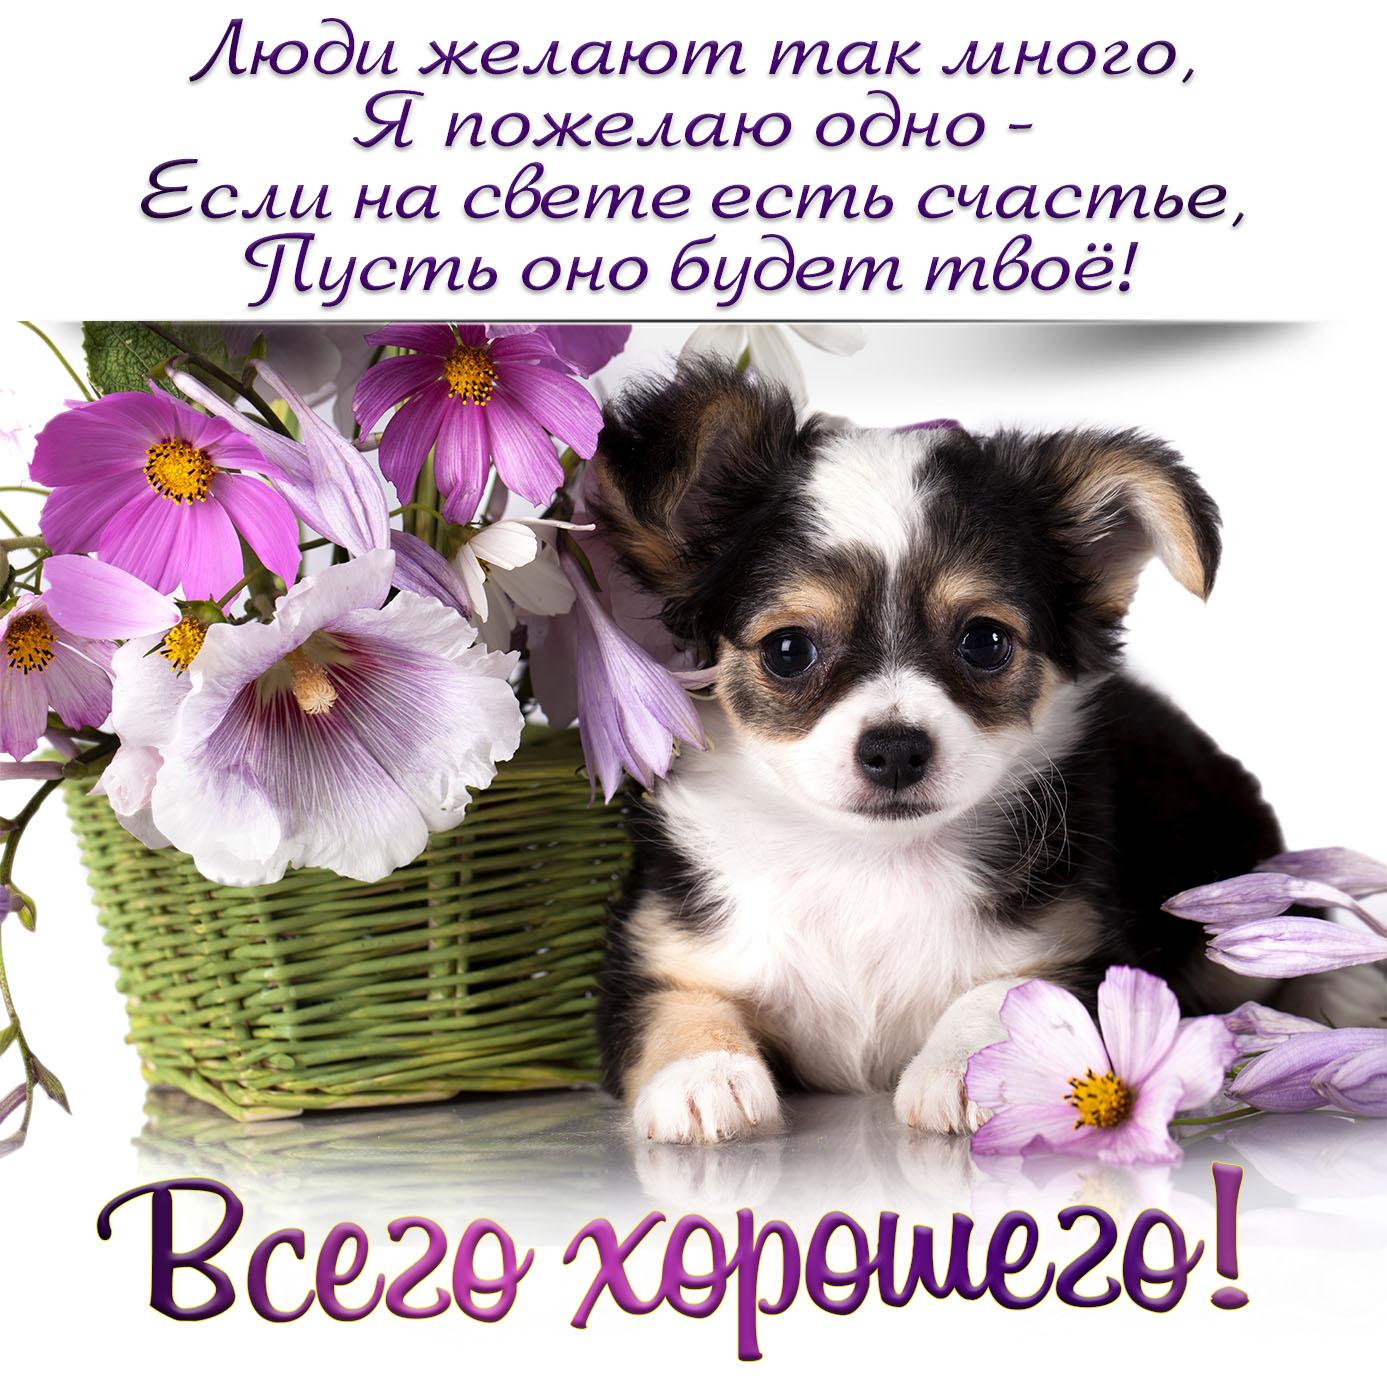 Открытка с милой собачкой и пожеланием всего хорошего